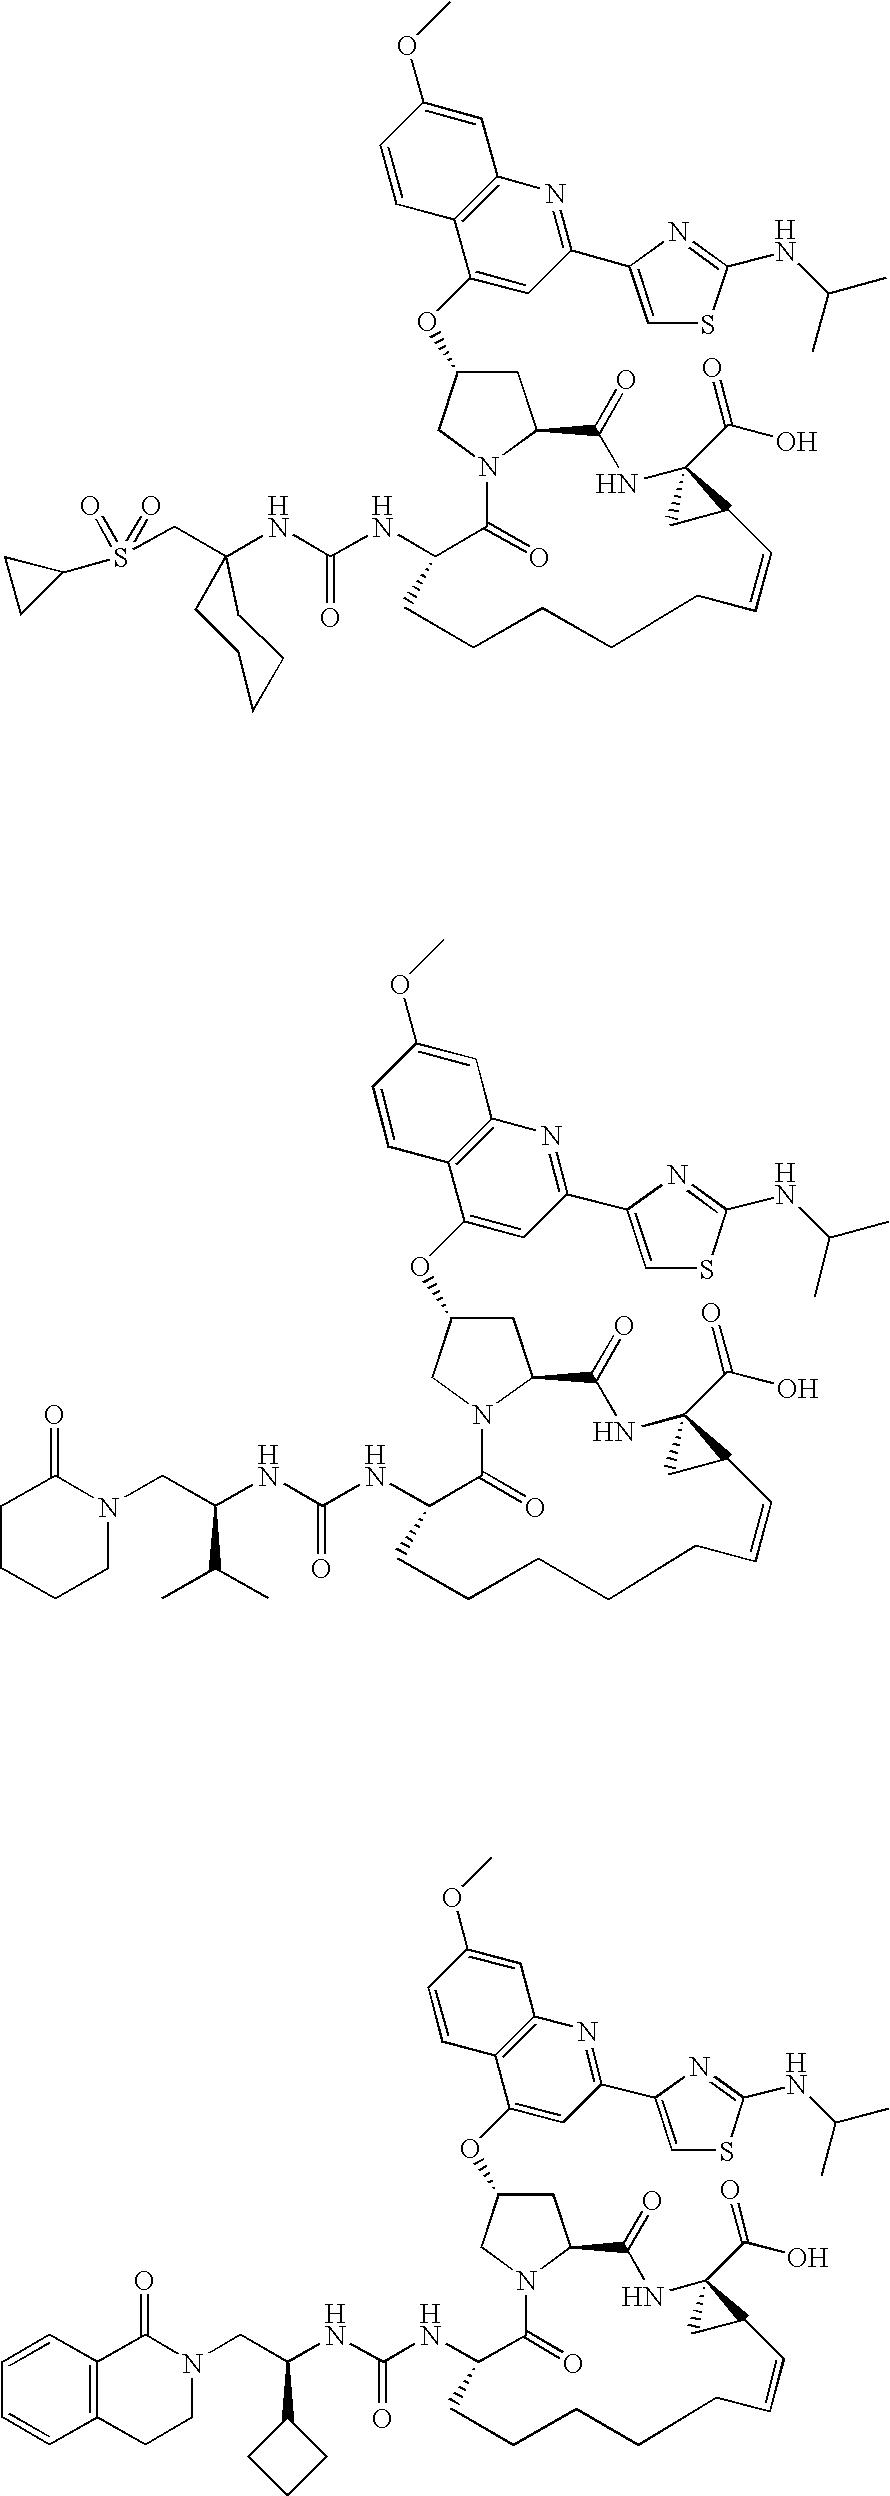 Figure US20060287248A1-20061221-C00171